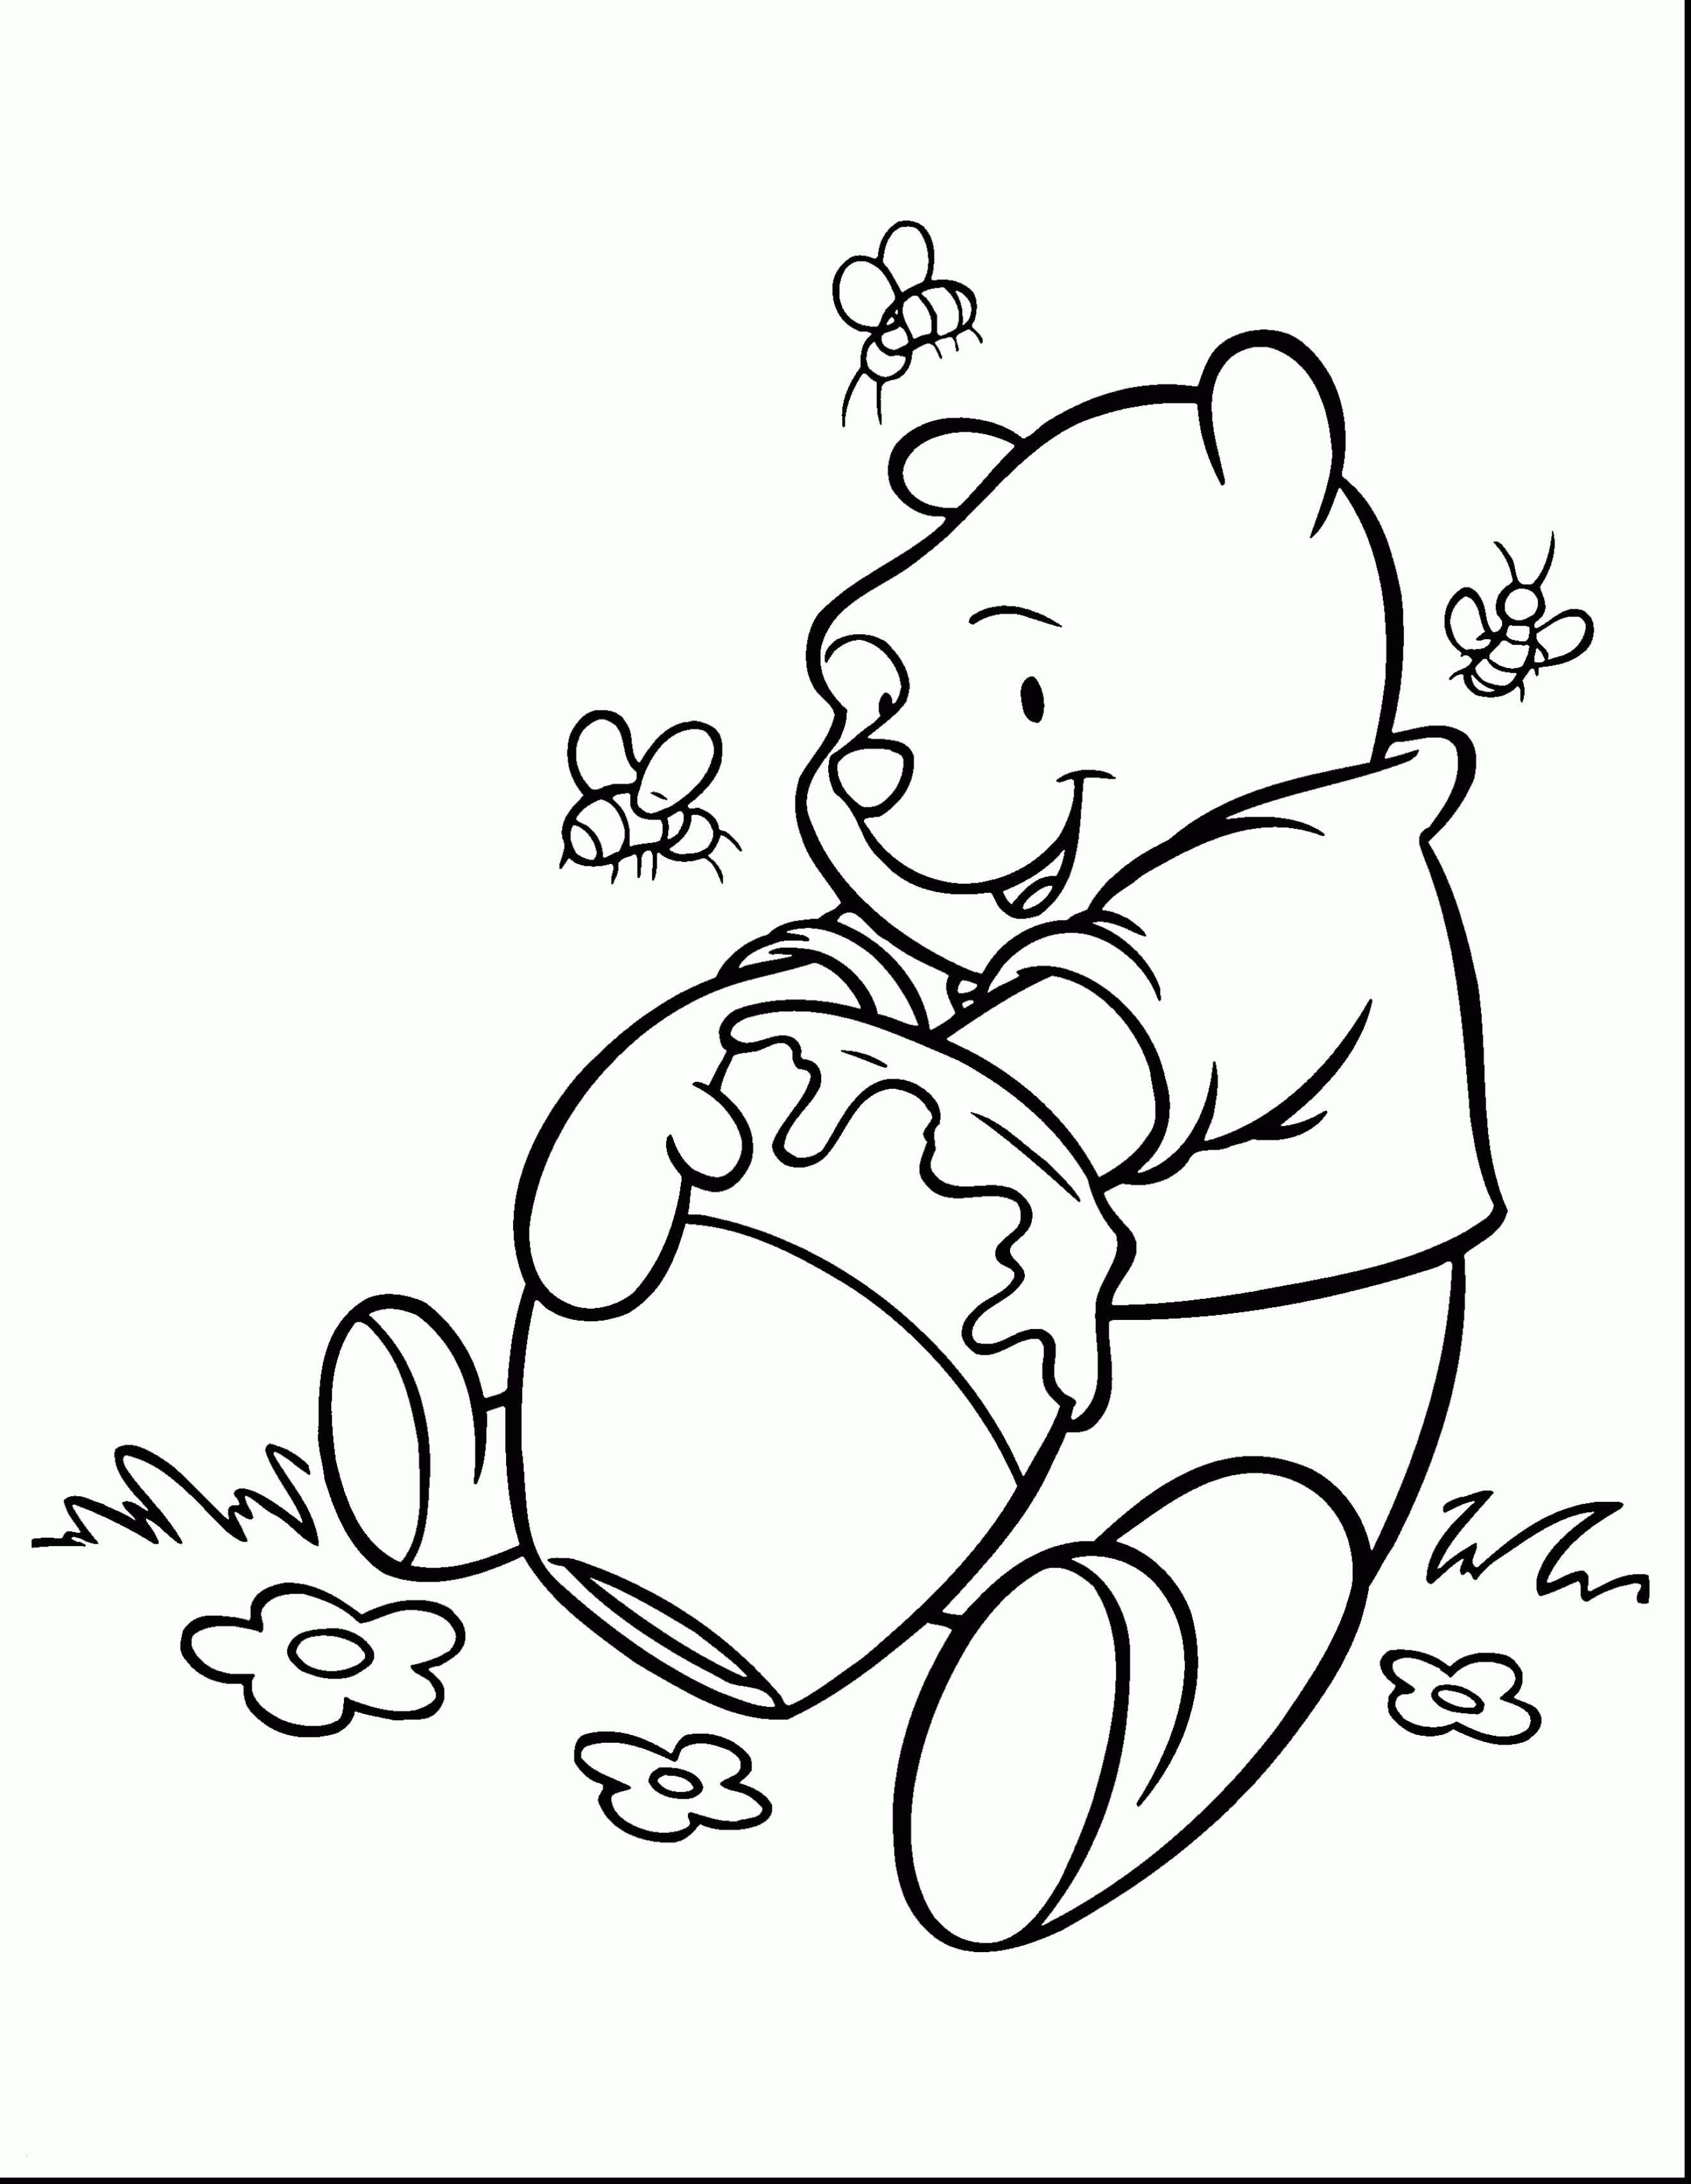 Ausmalbilder Karneval Kostenlos Inspirierend Winnie Puuh Malvorlagen Inspirierend Winnie the Pooh Christmas Bild